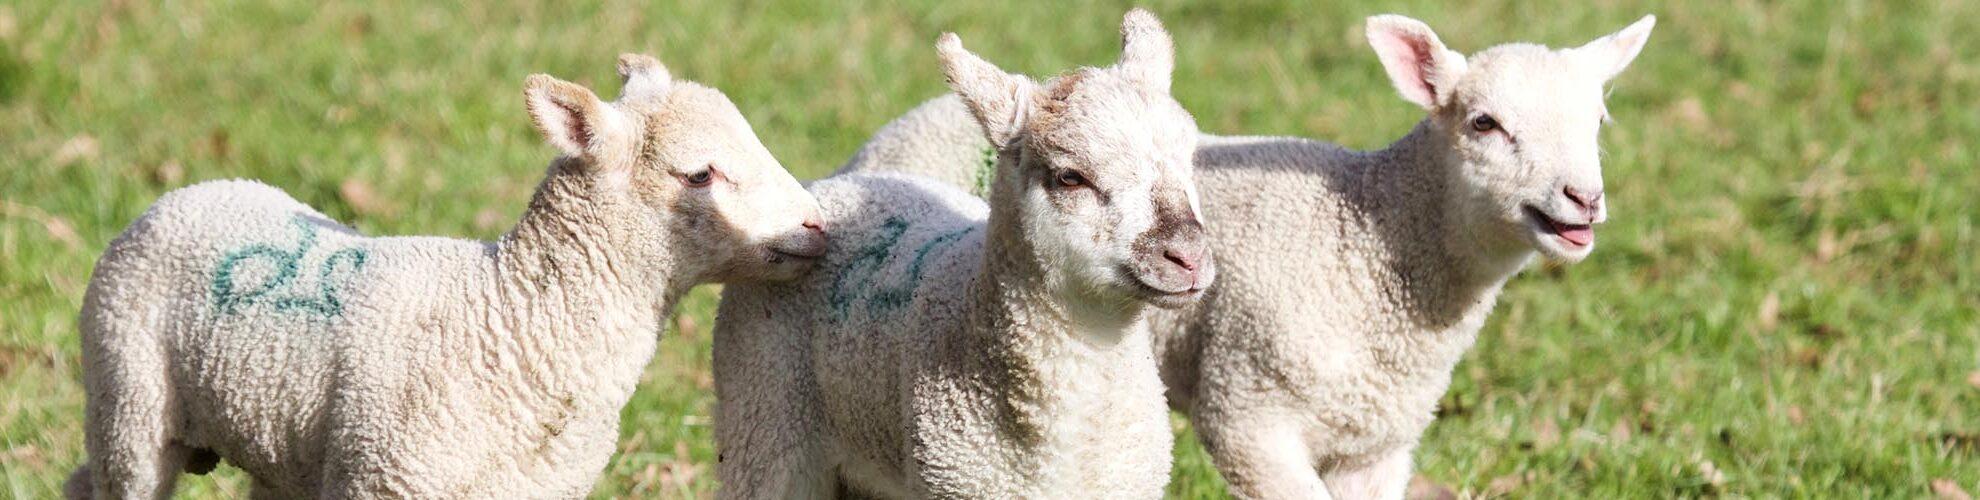 Hatton Adventure World Lambs